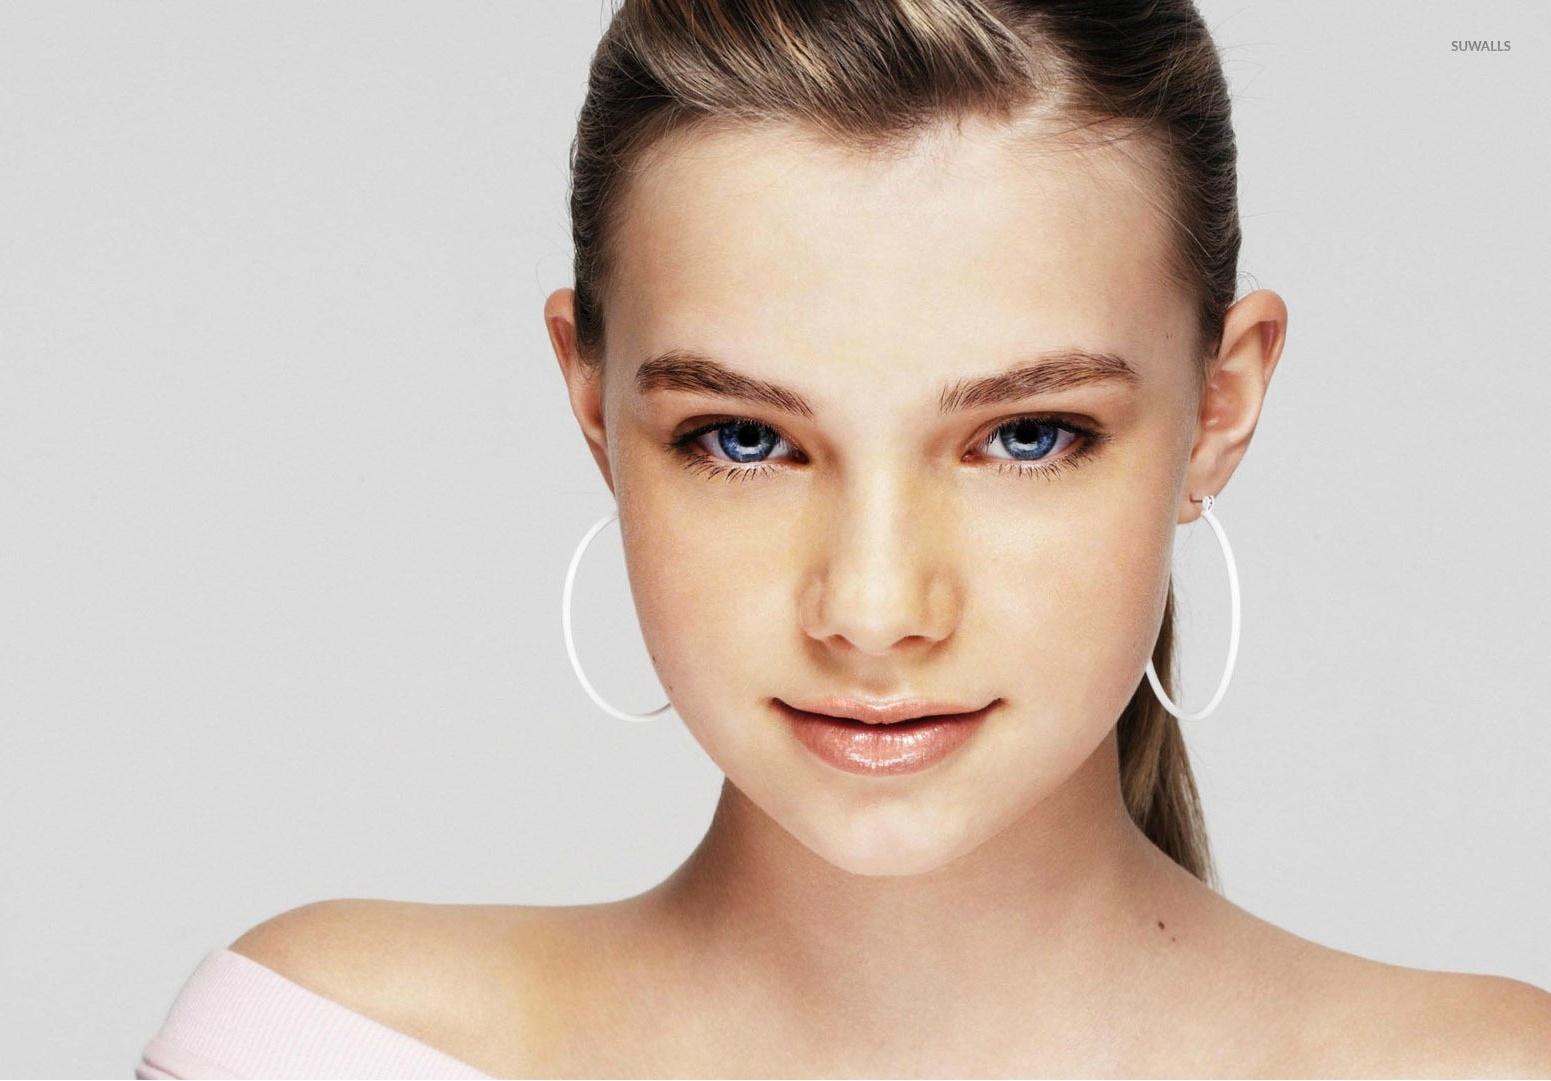 Indiana Evans (27 tuổi) là nữ diễn viên, ca sĩ kiêm nhạc sĩ xinh đẹp người  Australia. Cô được nhớ đến với vai diễn Bella Hartley trong phim H2O: Just  Add ...